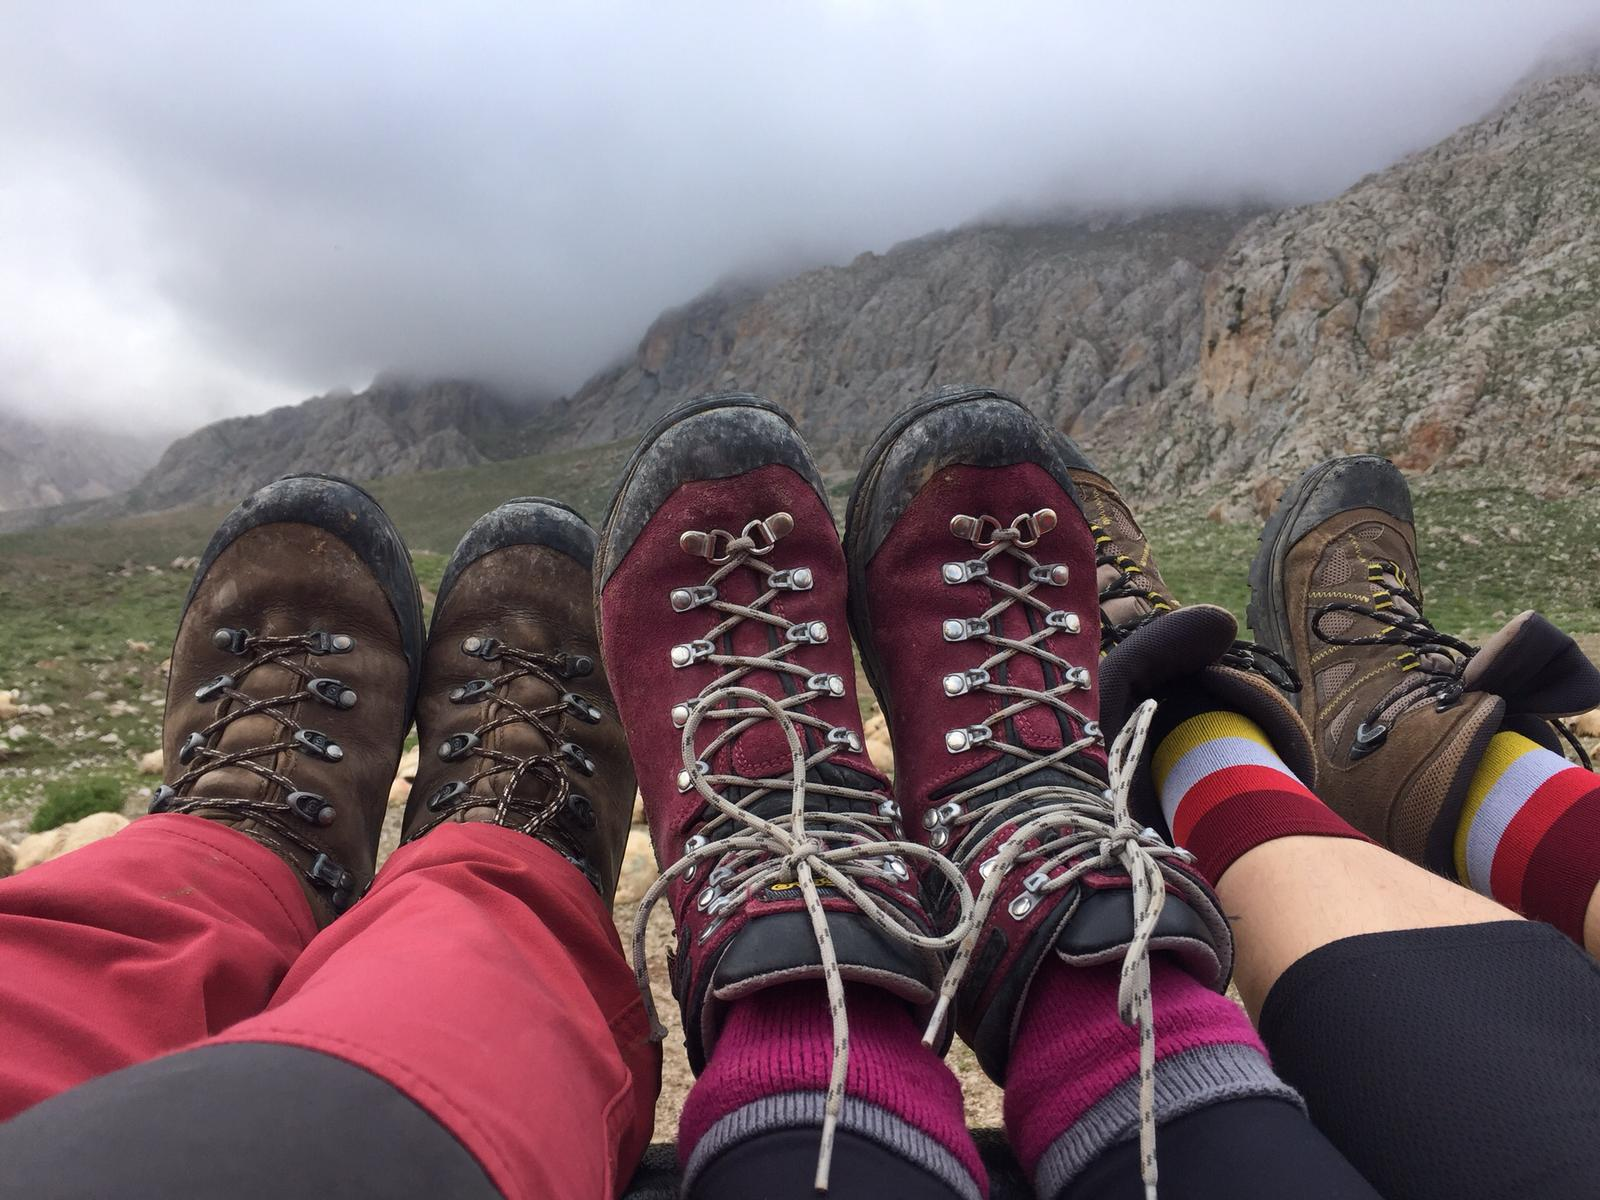 Doğa Yürüyüşü & Trekking Malzemeleri Botlar